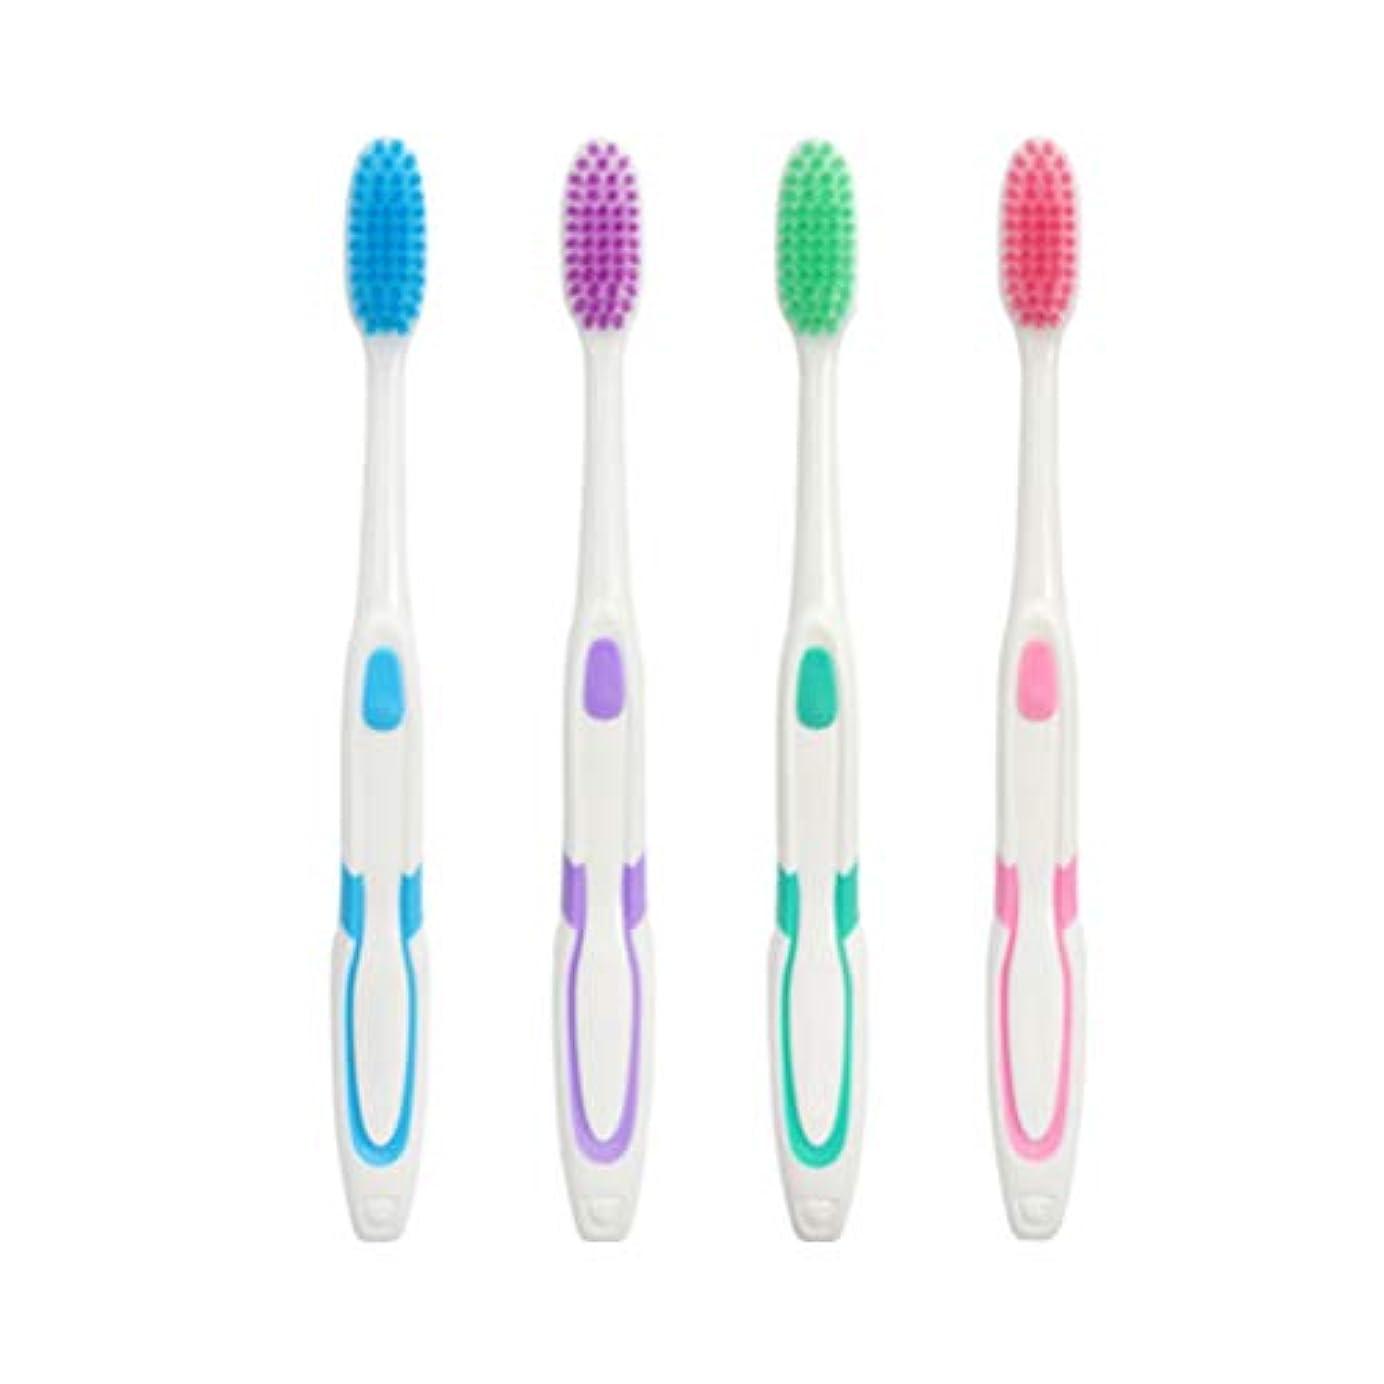 リング師匠堤防TOPBATHY 4ピース柔らかい歯ブラシ歯ブラシ用深く口腔クリーニングホームトラベル屋外大人子供